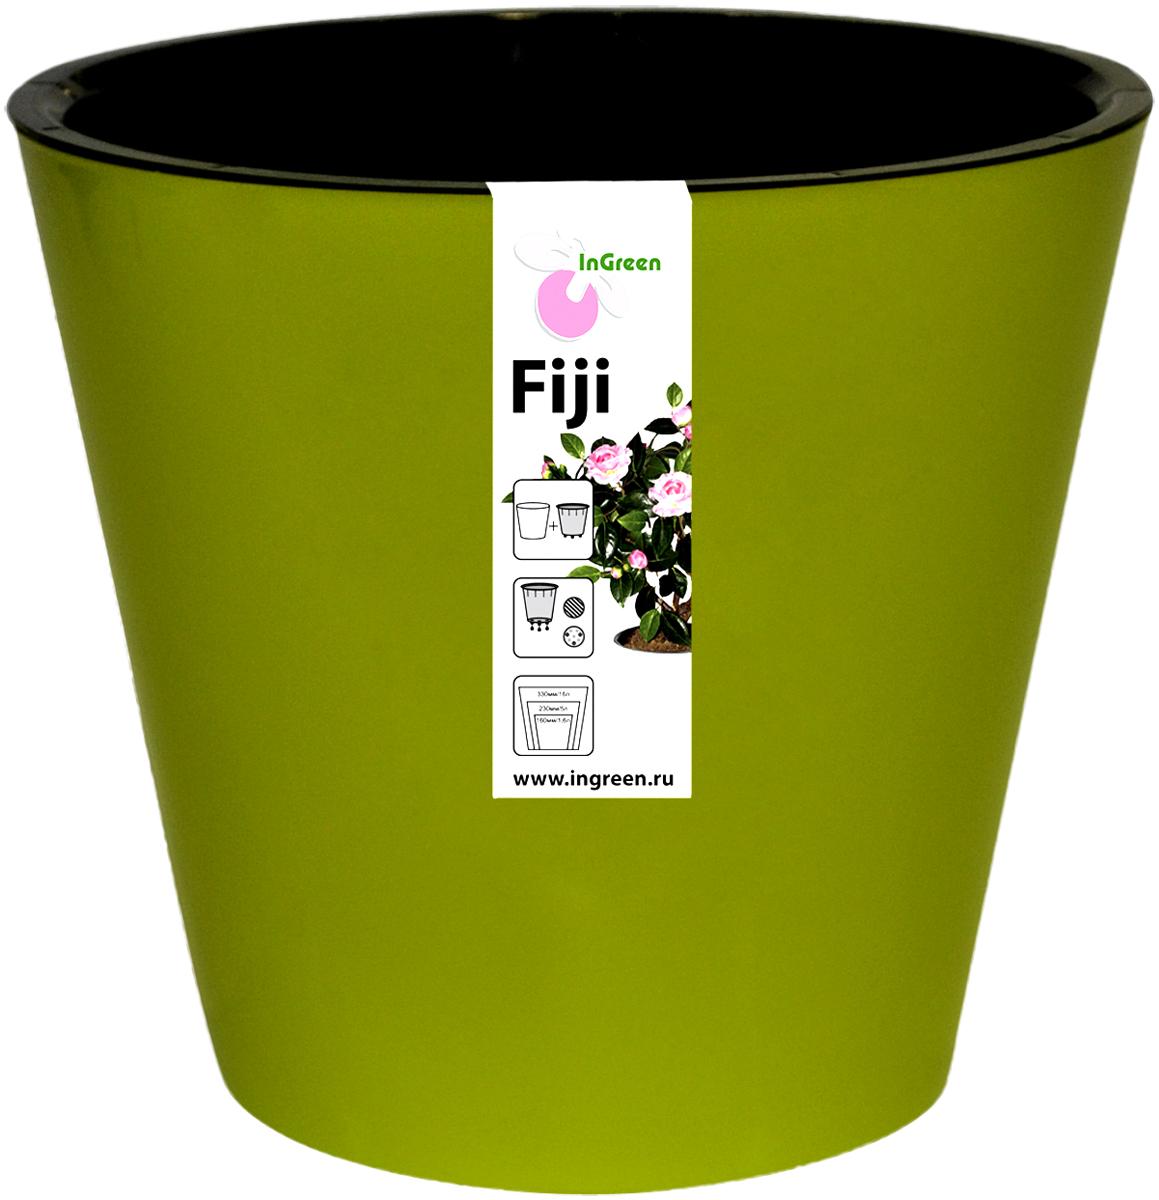 Горшок для цветов InGreen Фиджи, с ситемой атополива, цвет: салатовый, диаметр 16 смING1553СЛГоршок InGreen Фиджи, выполненный из высококачественного пластика, предназначен для выращивания комнатных цветов, растений и трав. Специальная конструкция обеспечивает вентиляцию в корневой системе растения, а дренажные отверстия позволяют выходить лишней влаге из почвы. Изделие состоит из цветного кашпо и внутреннего горшка. Растение высаживается во внутренний горшок и вставляется в кашпо. Инновационная система автополива обладает рядом преимуществ: экономит время при уходе за растением, вода не протекает при поливе и нет необходимости в подставке, корни не застаиваются в воде. Такой горшок порадует вас современным дизайном и функциональностью, а также оригинально украсит интерьер любого помещения. Объем: 1,6 л. Диаметр (по верхнему краю): 16 см. Высота: 14,5 см.